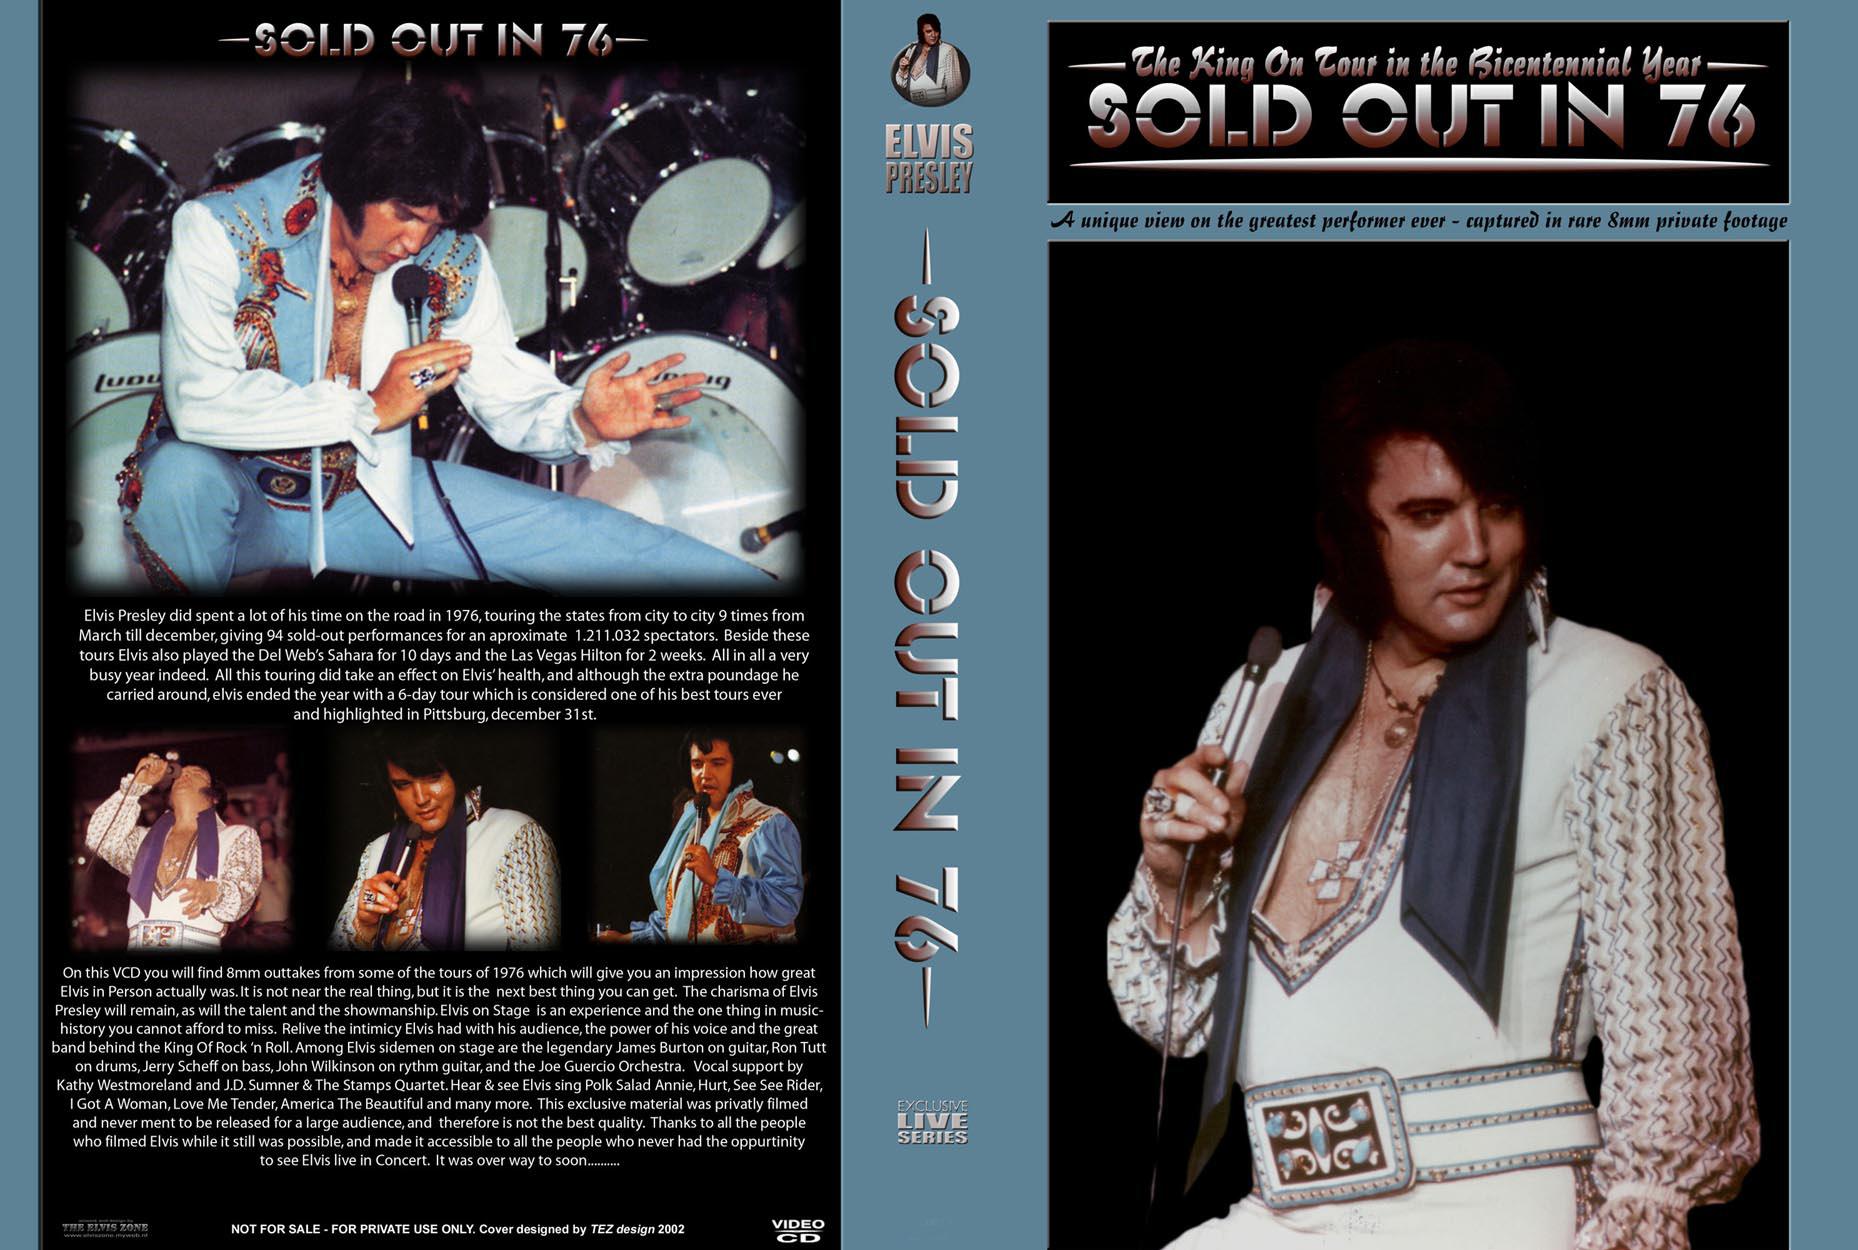 Resultado de imagem para Elvis SOLD OUT IN 76